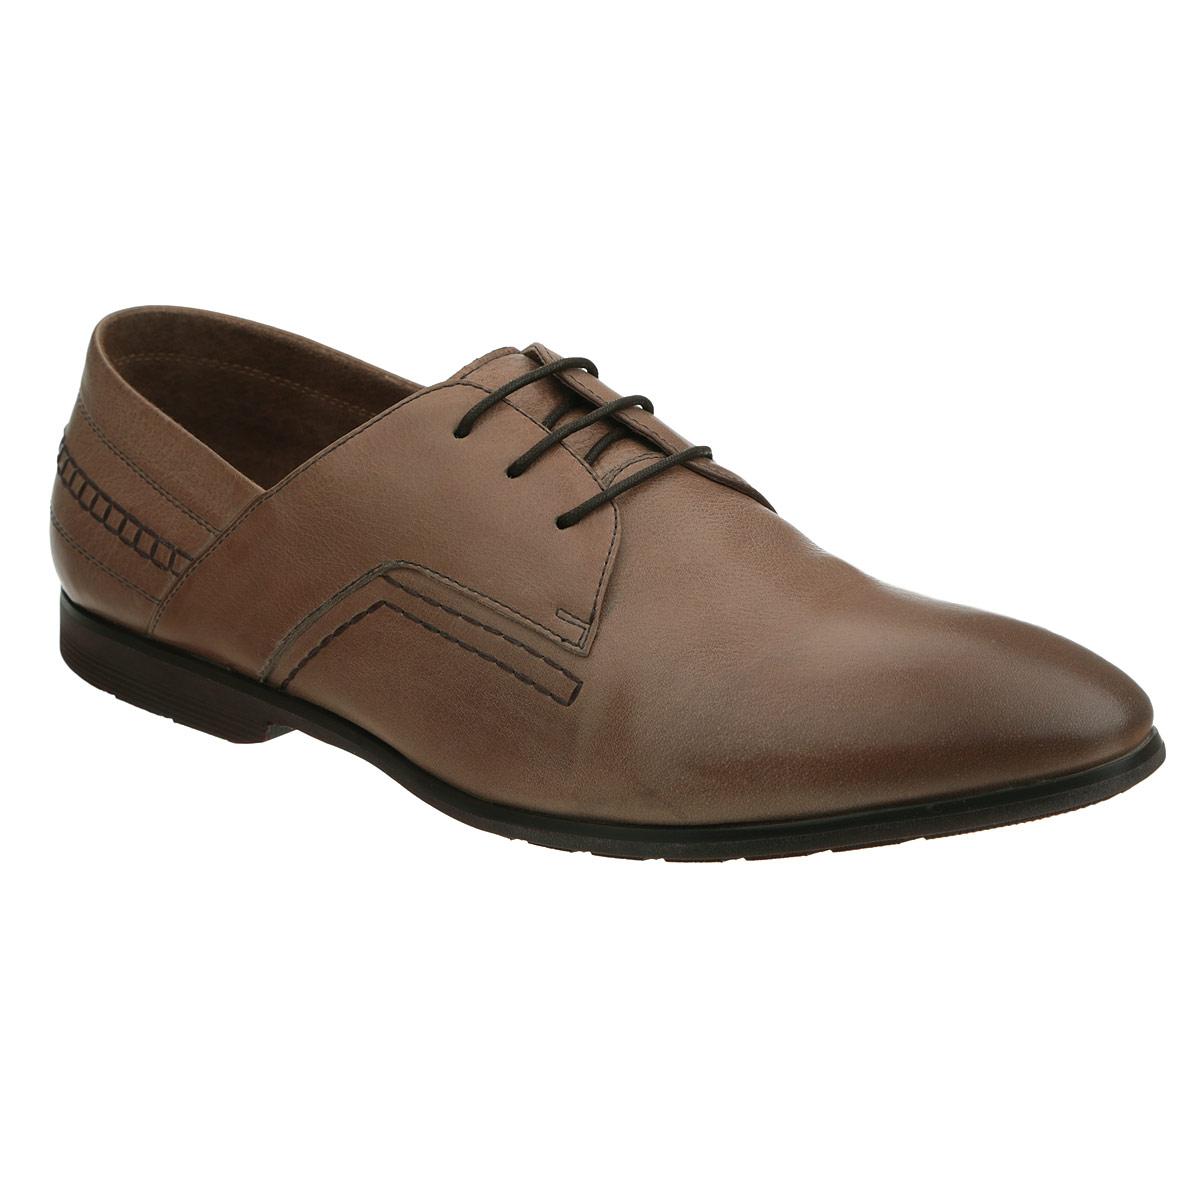 106-87-51Элегантные мужские туфли от Dino Ricci займут достойное место среди вашей коллекции обуви. Модель выполнена из натуральной высококачественной кожи и оформлена декоративной прострочкой. Шнуровка позволяет прочно зафиксировать модель на ноге. Стелька из натуральной кожи оснащена перфорацией, позволяющей вашим ногам дышать. Каблук и подошва с рифлением обеспечивают отличное сцепление с поверхностью. Стильные туфли прекрасно дополнят ваш деловой образ.